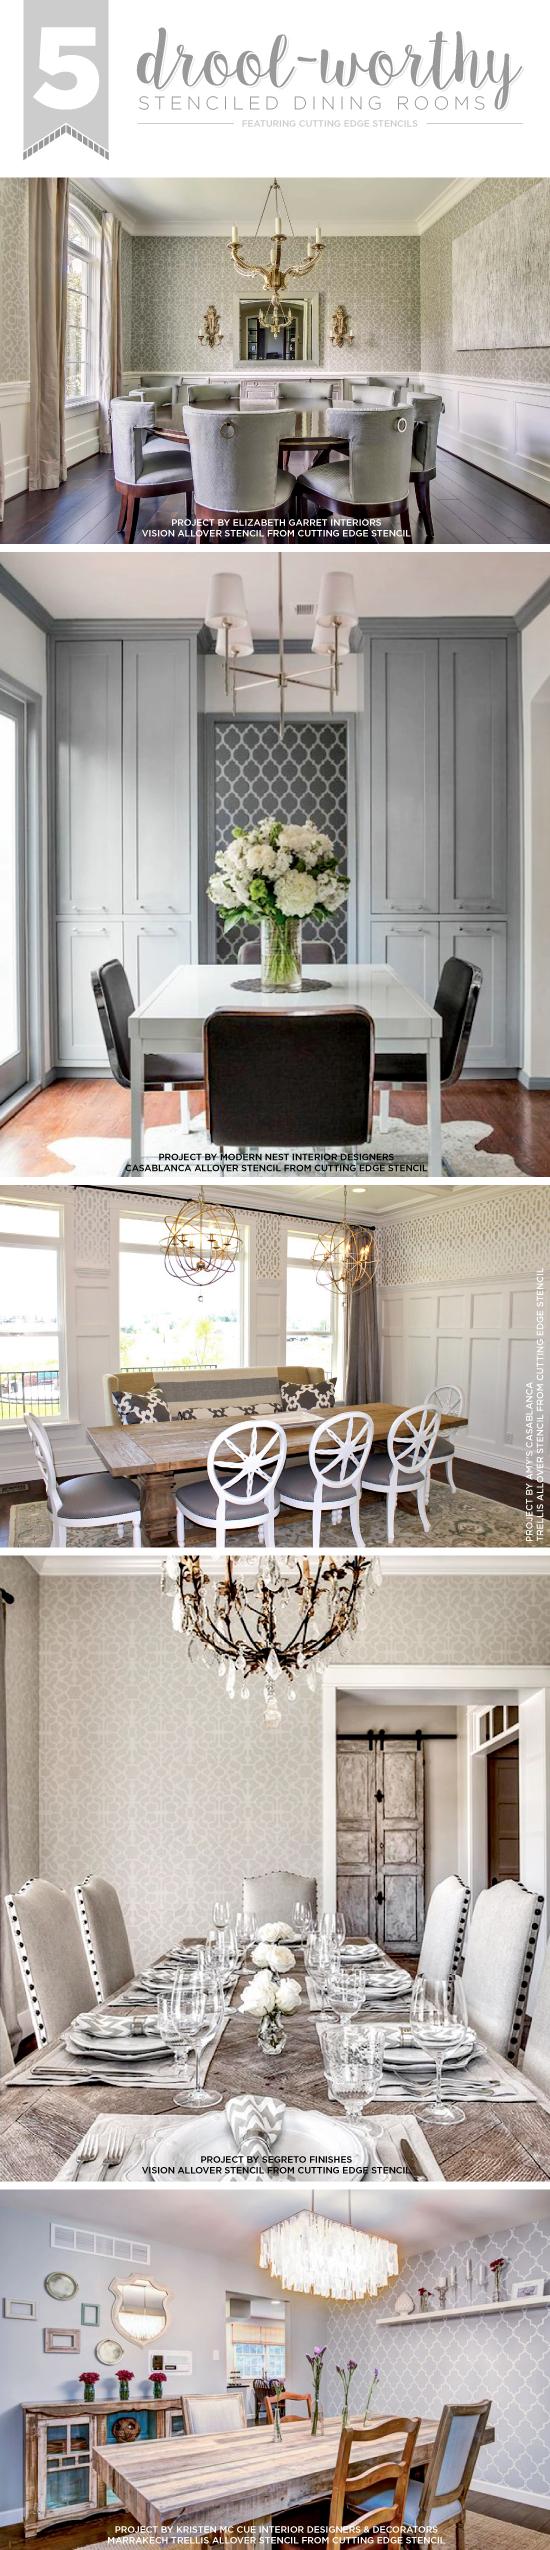 Cutting Edge Stencils shares DIY stenciled dining room ideas. http://www.cuttingedgestencils.com/allover-stencil-tribal.html